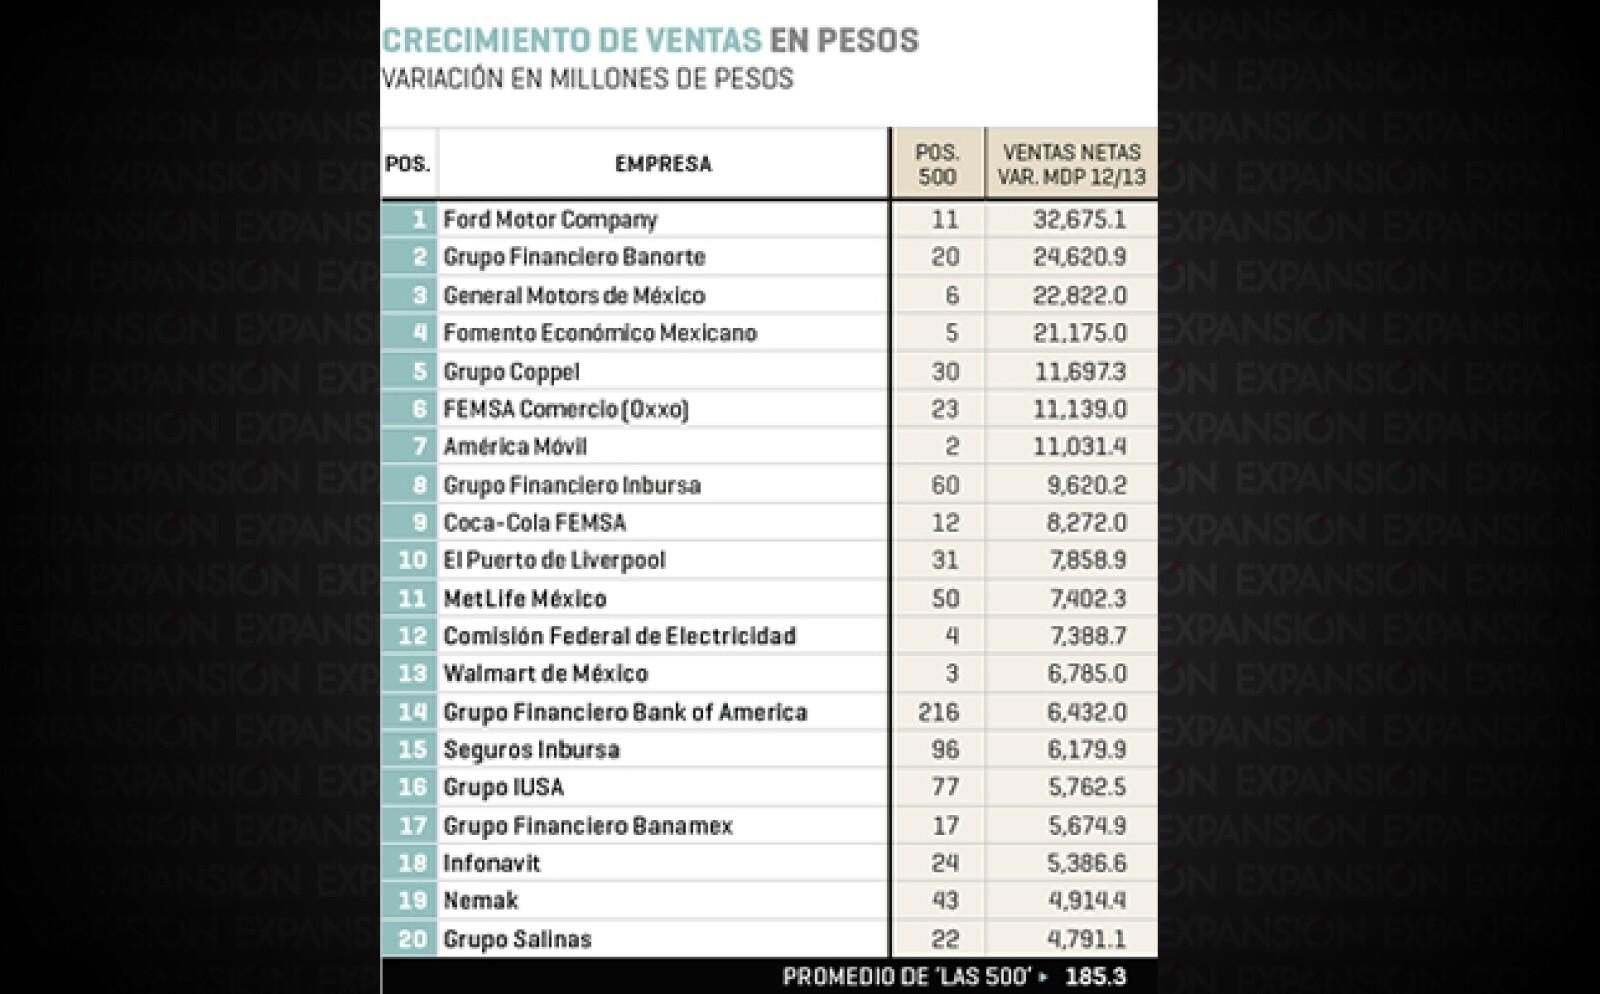 Ford Motor Company (lugar 11 en el ranking 2014 de Las 500 de Expansión), Grupo Financiero Banorte (20) y General Motors de México (6) son las tres compañías con mayor crecimiento de ventas en pesos.